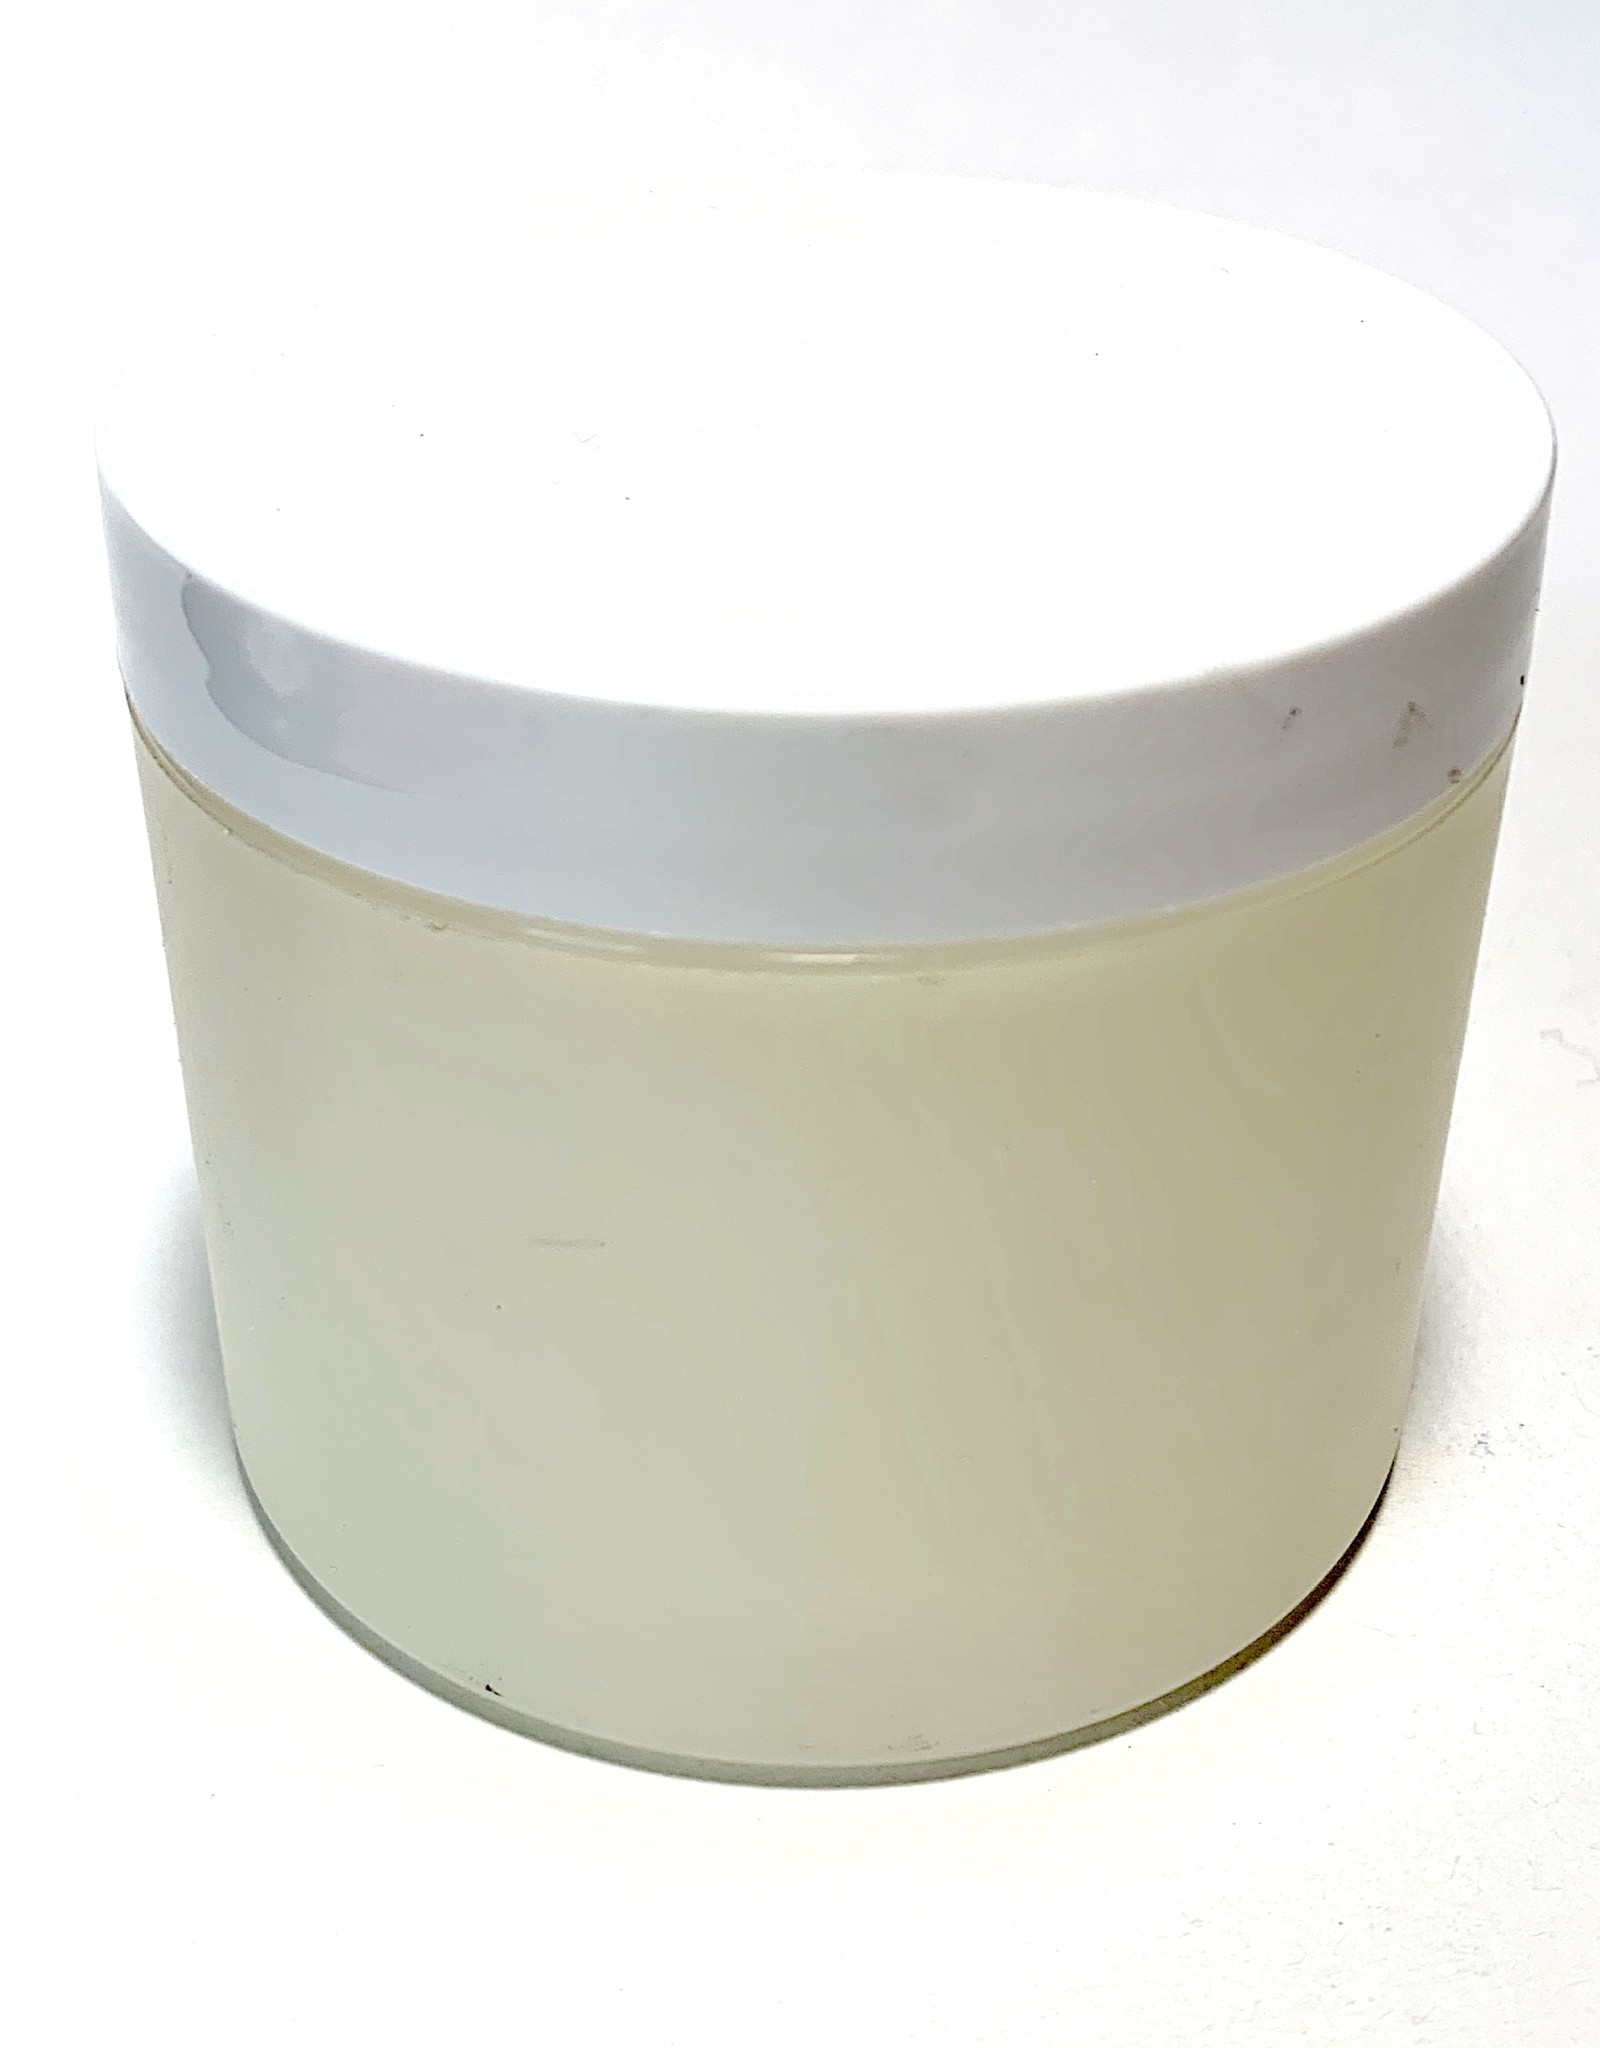 Plastic Jar Storage Container, 4 oz